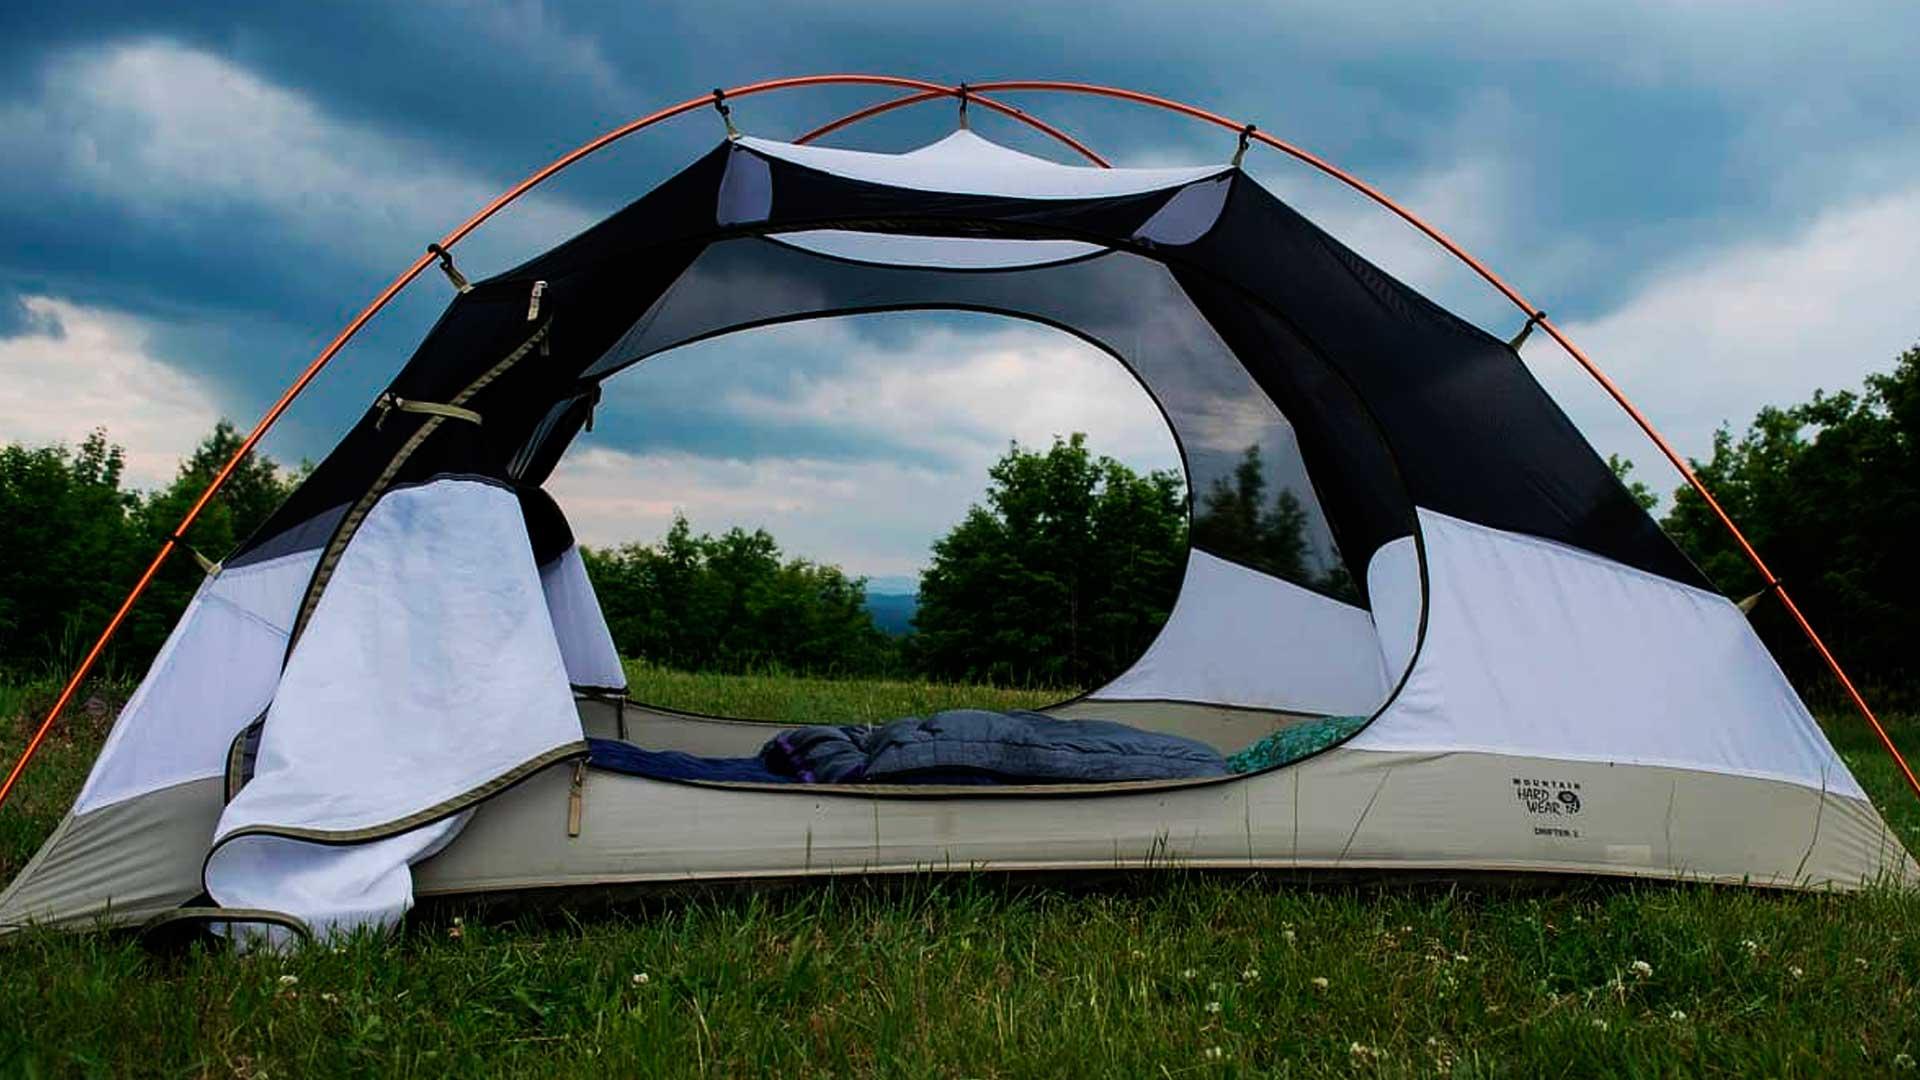 Barraca de camping montada na grama, perto de diversas árvores e com um céu bem azul e com bastante nuvens.